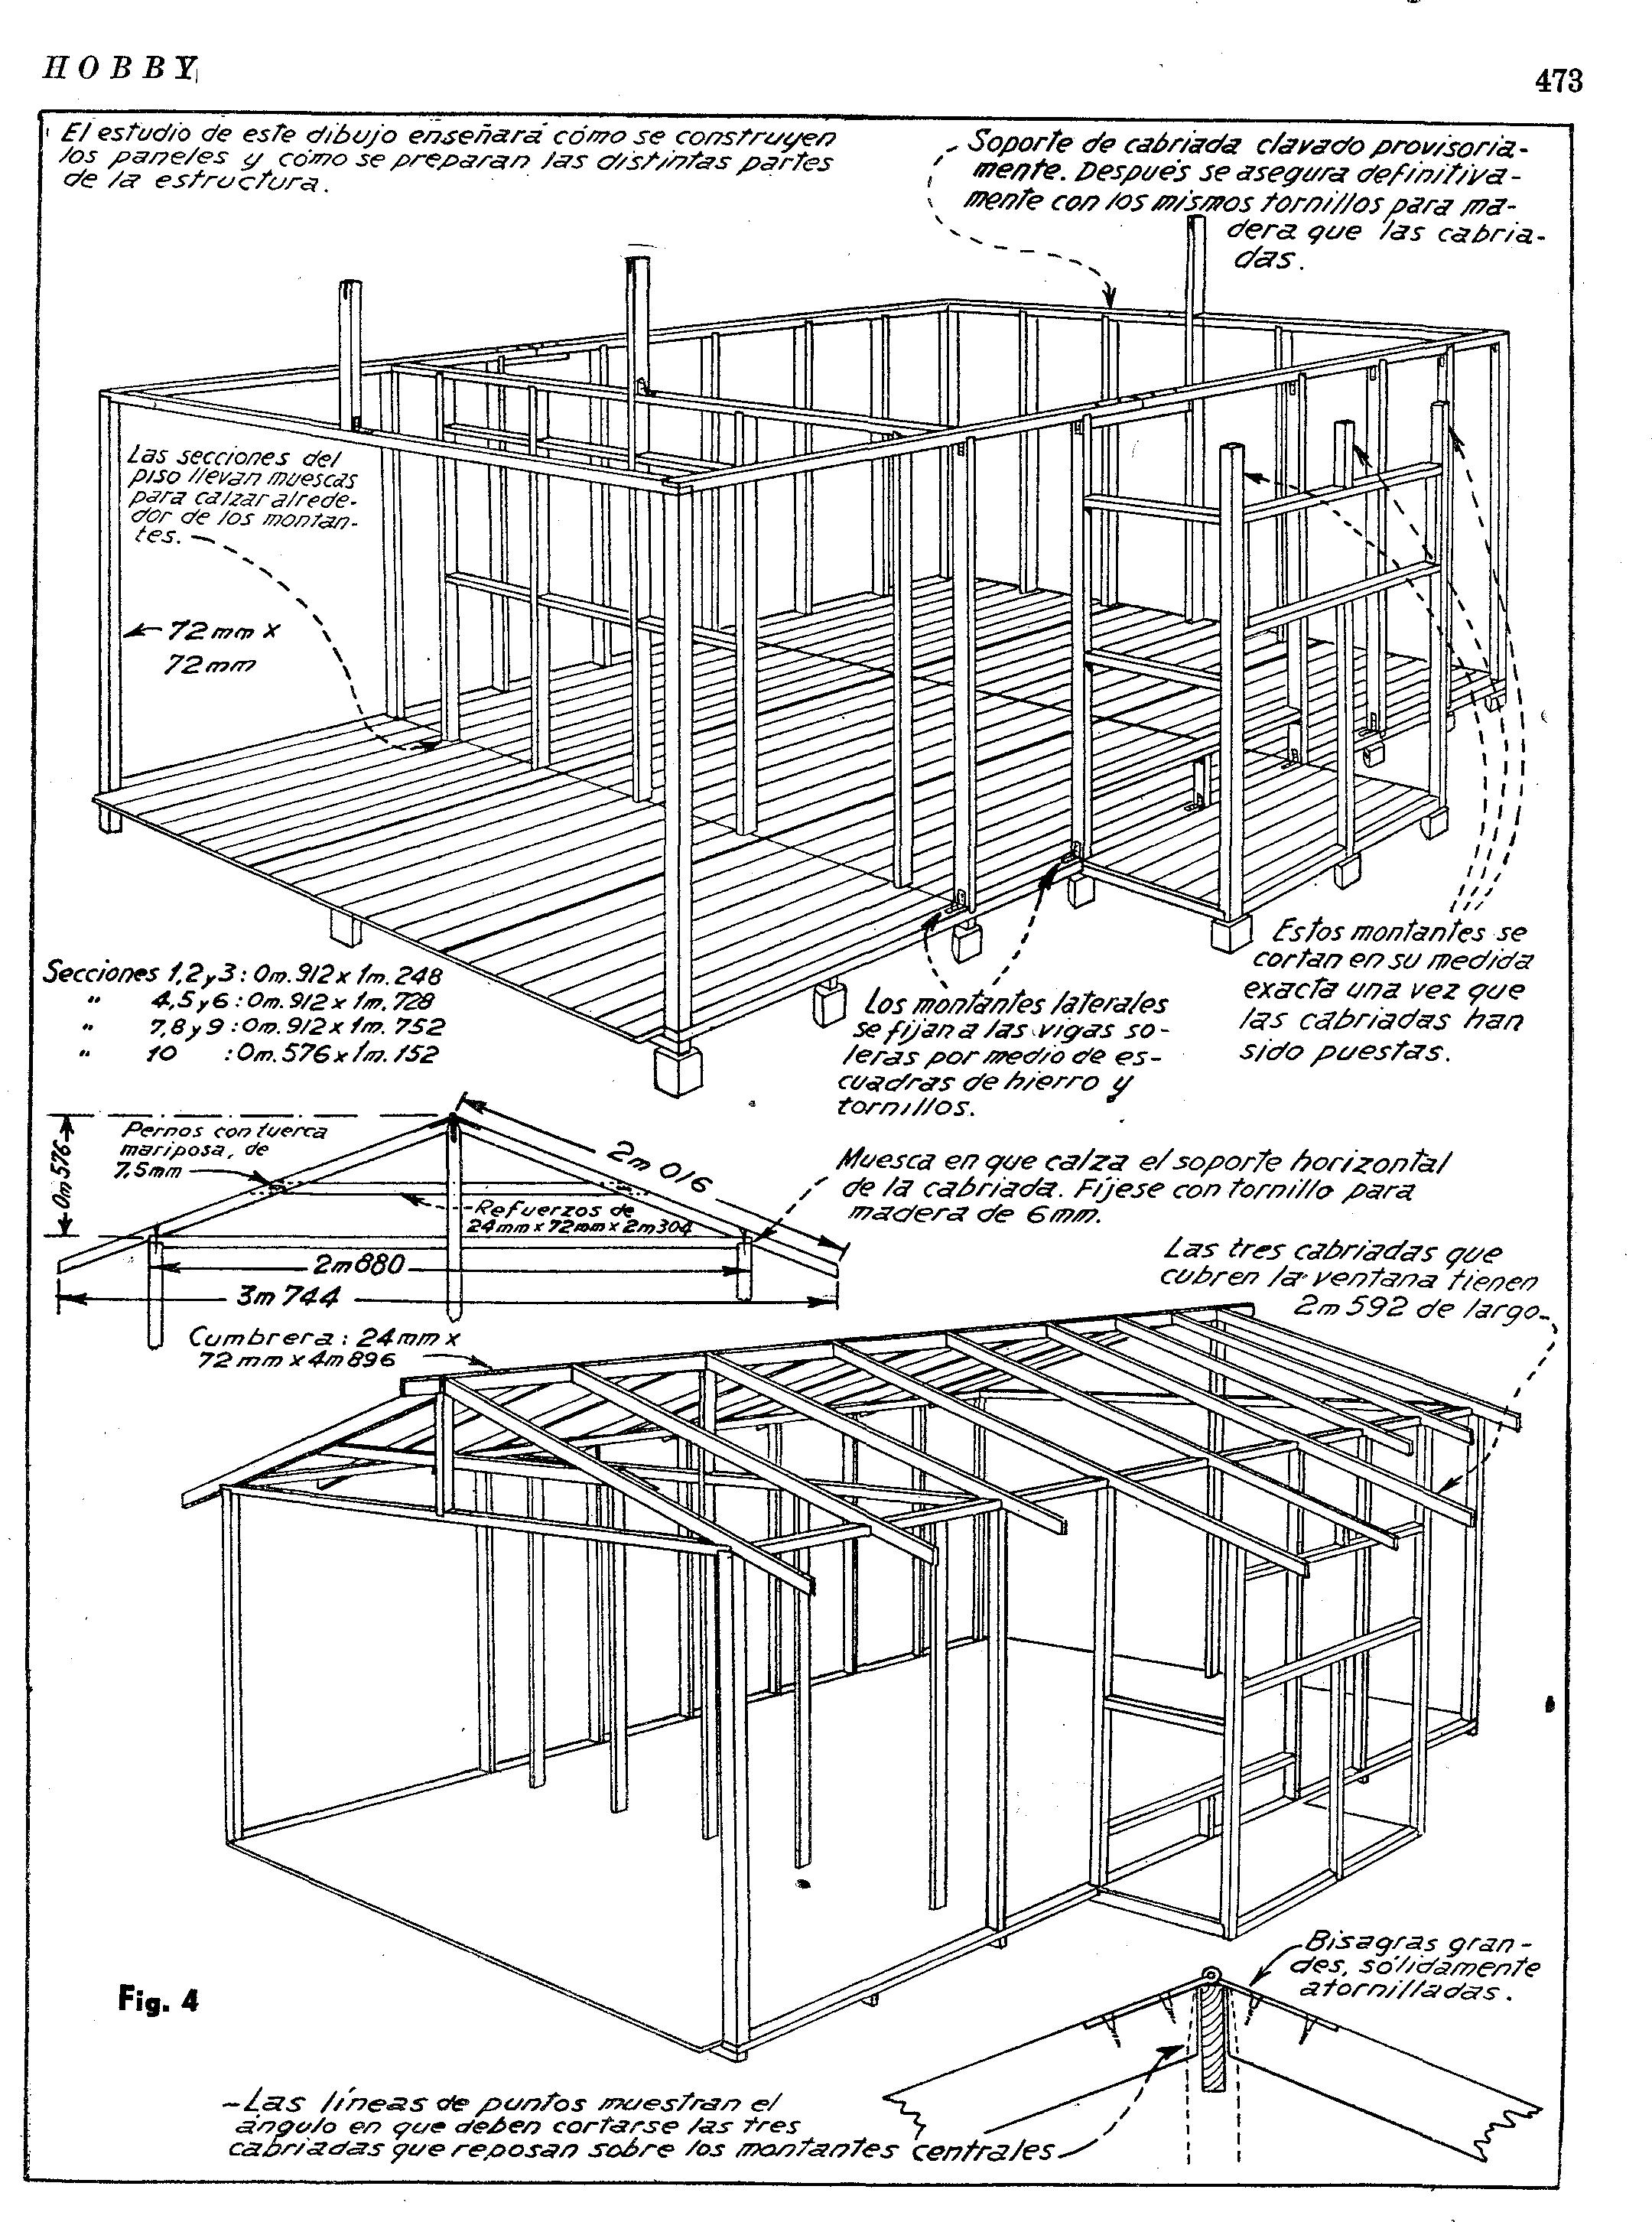 ... una casa de madera desarmable - planos de casas - como hacer una casa